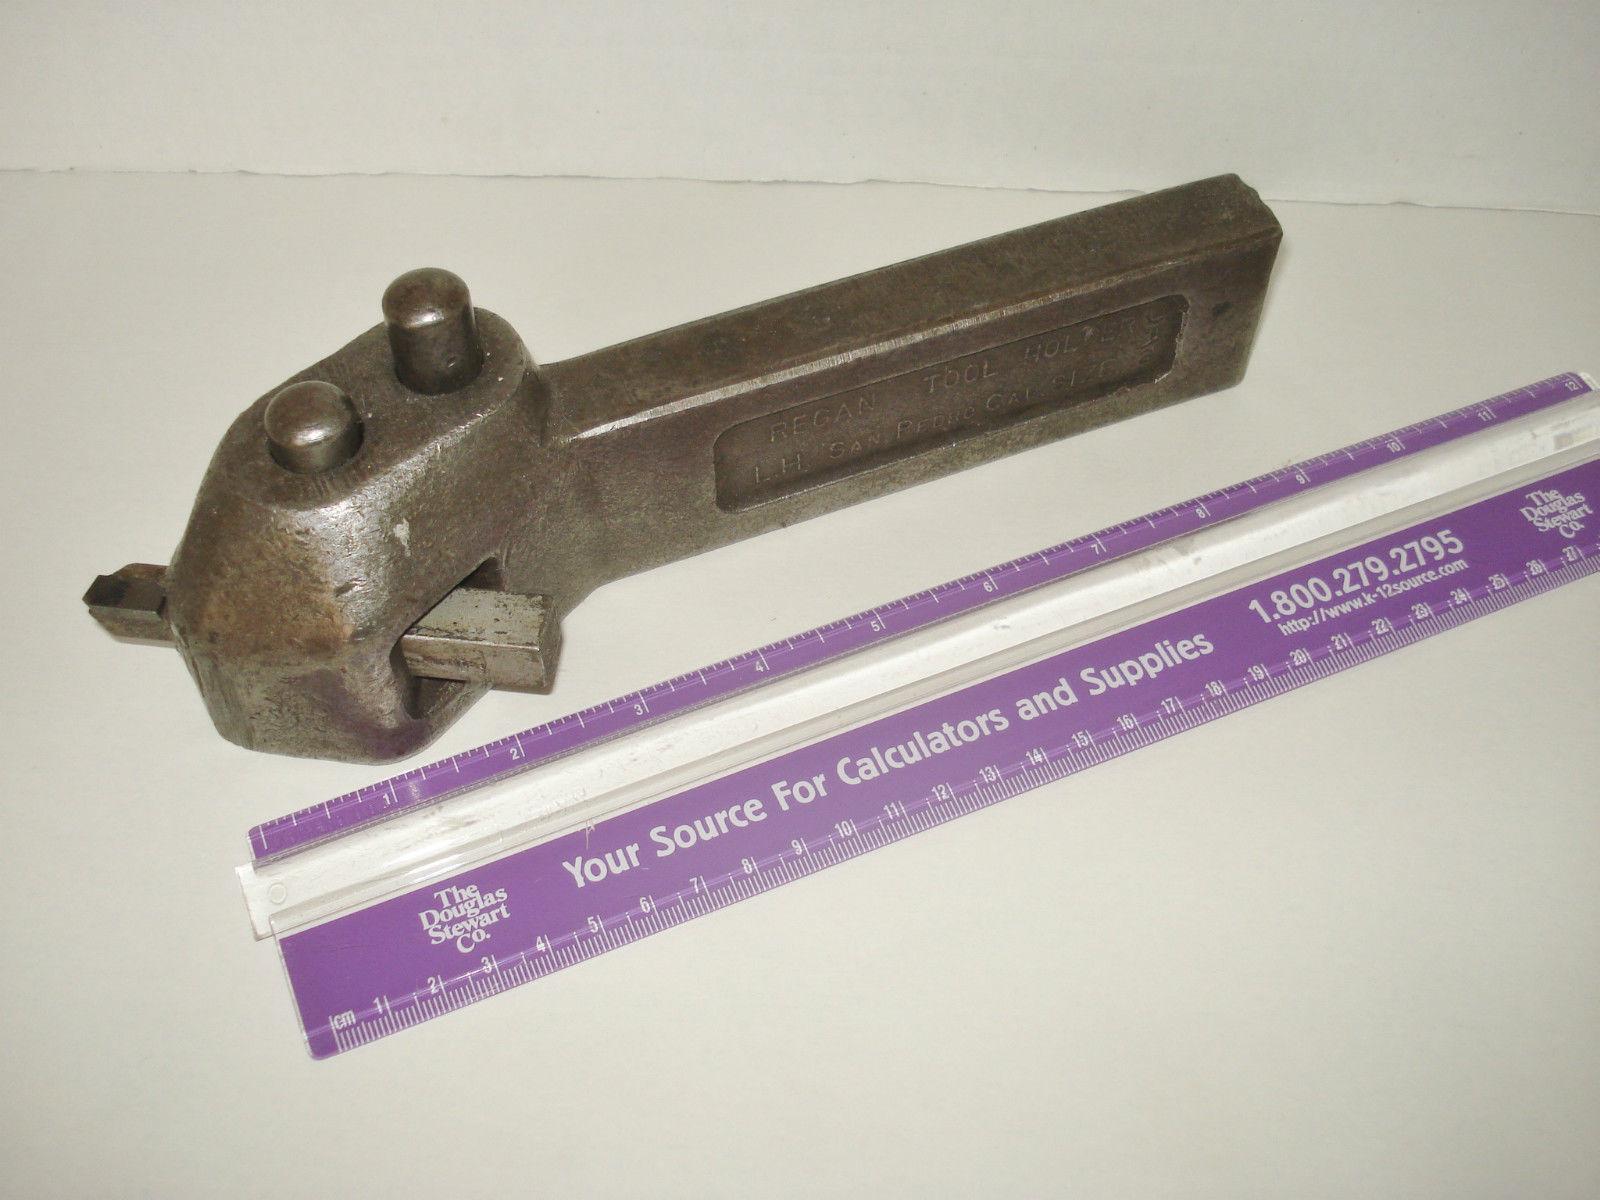 Large Boring Bars : Regan lathe quick release change large boring bar tool